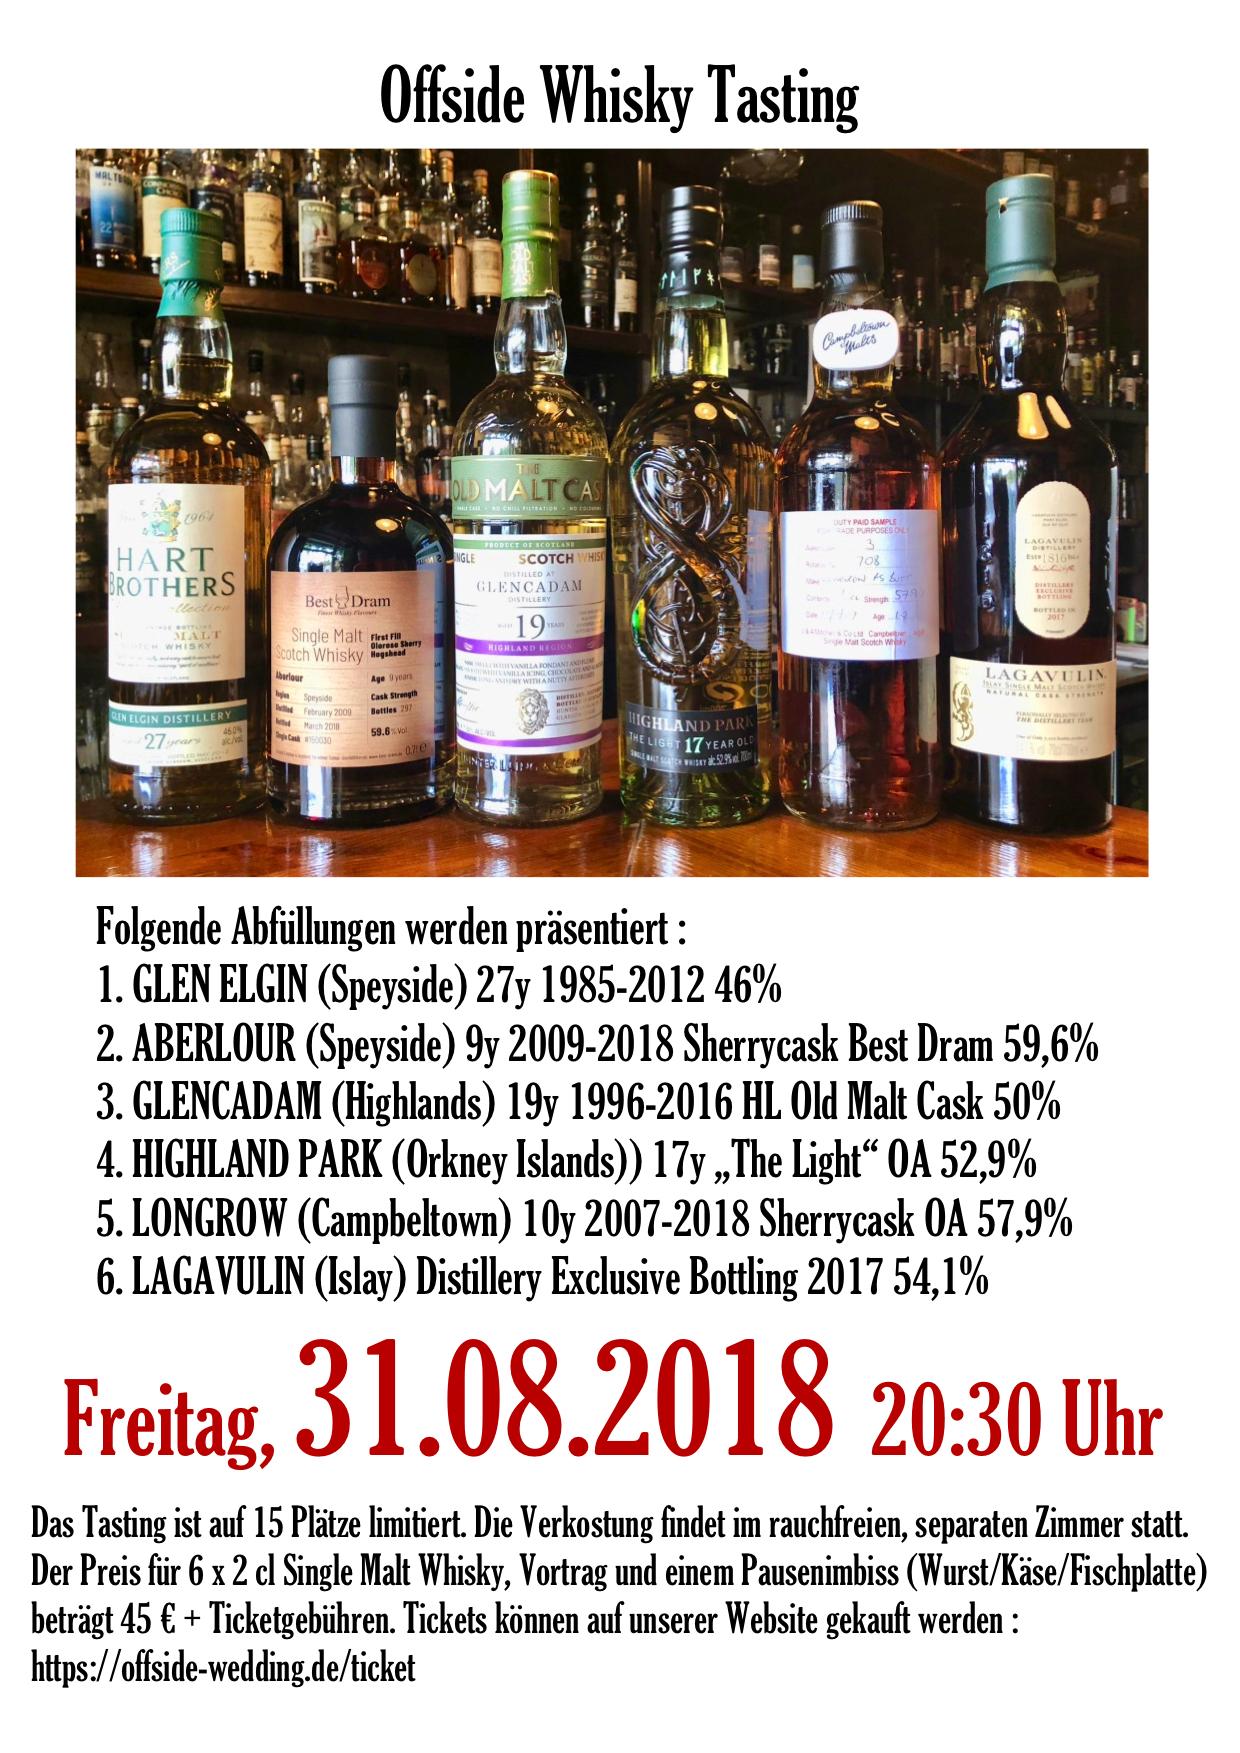 Whisky Tasting 31.08.2018